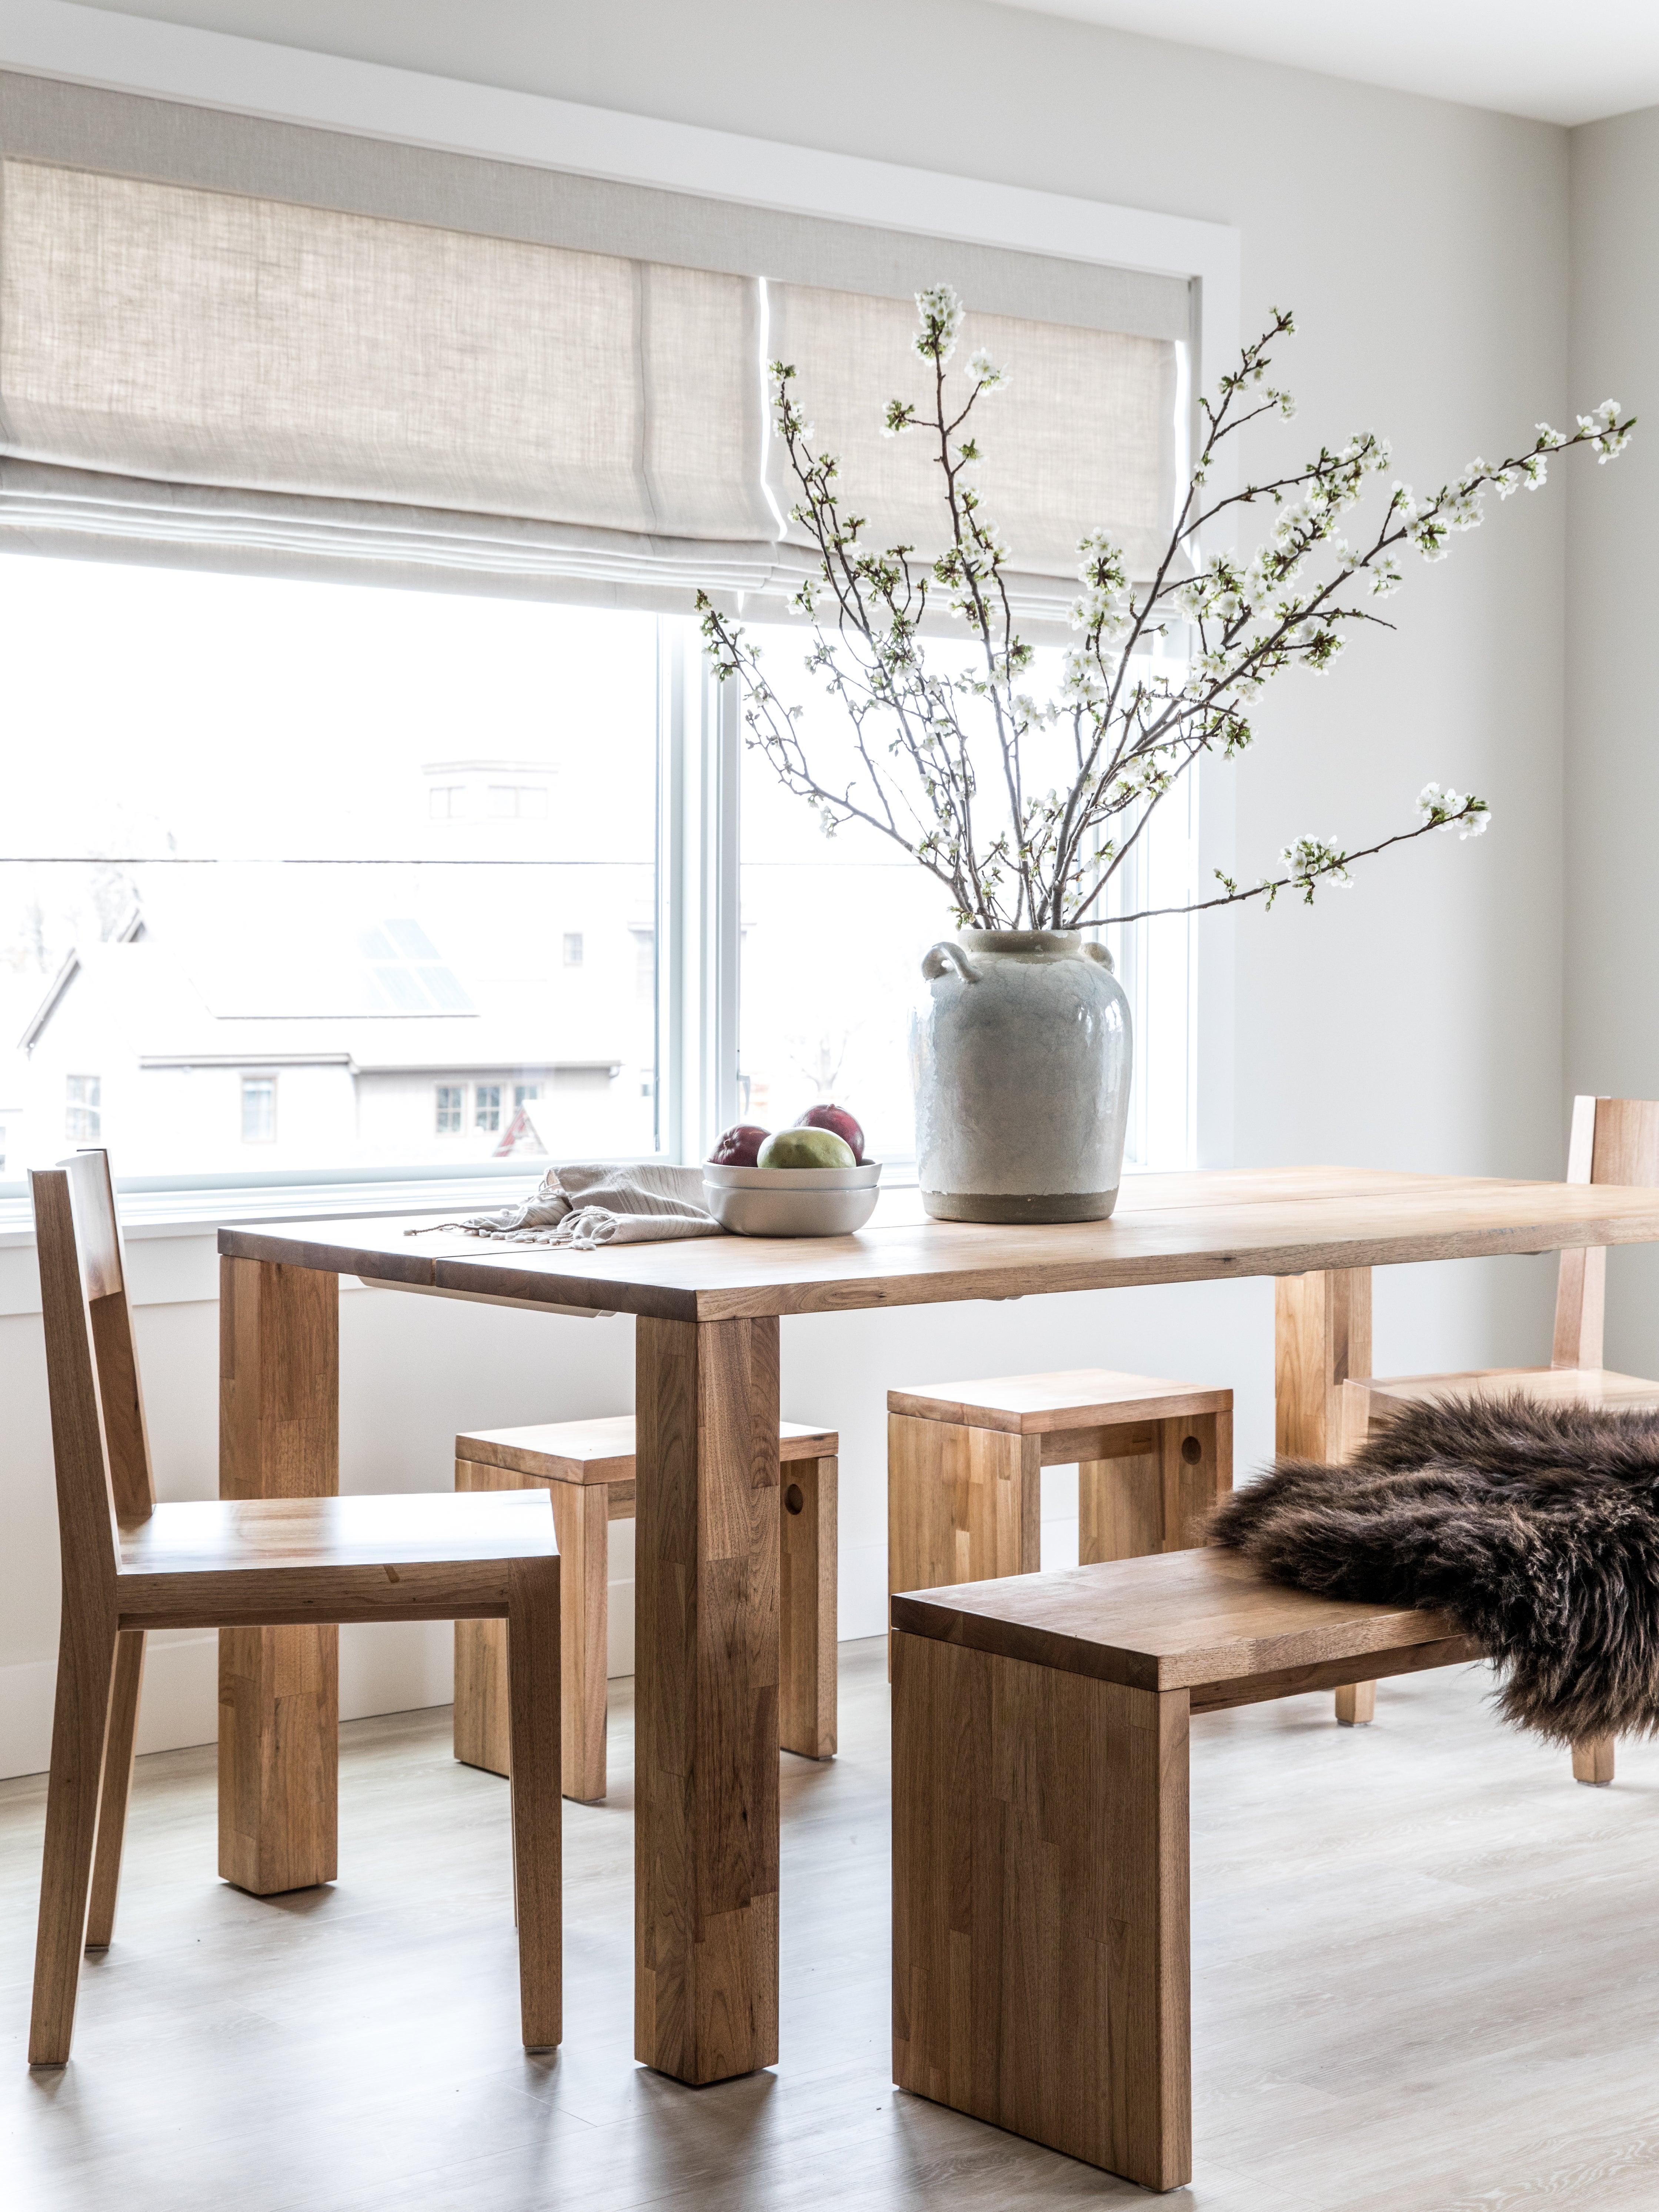 This Zen Maine Home Effortlessly Marries Wabi-Sabi and Scandinavian Design